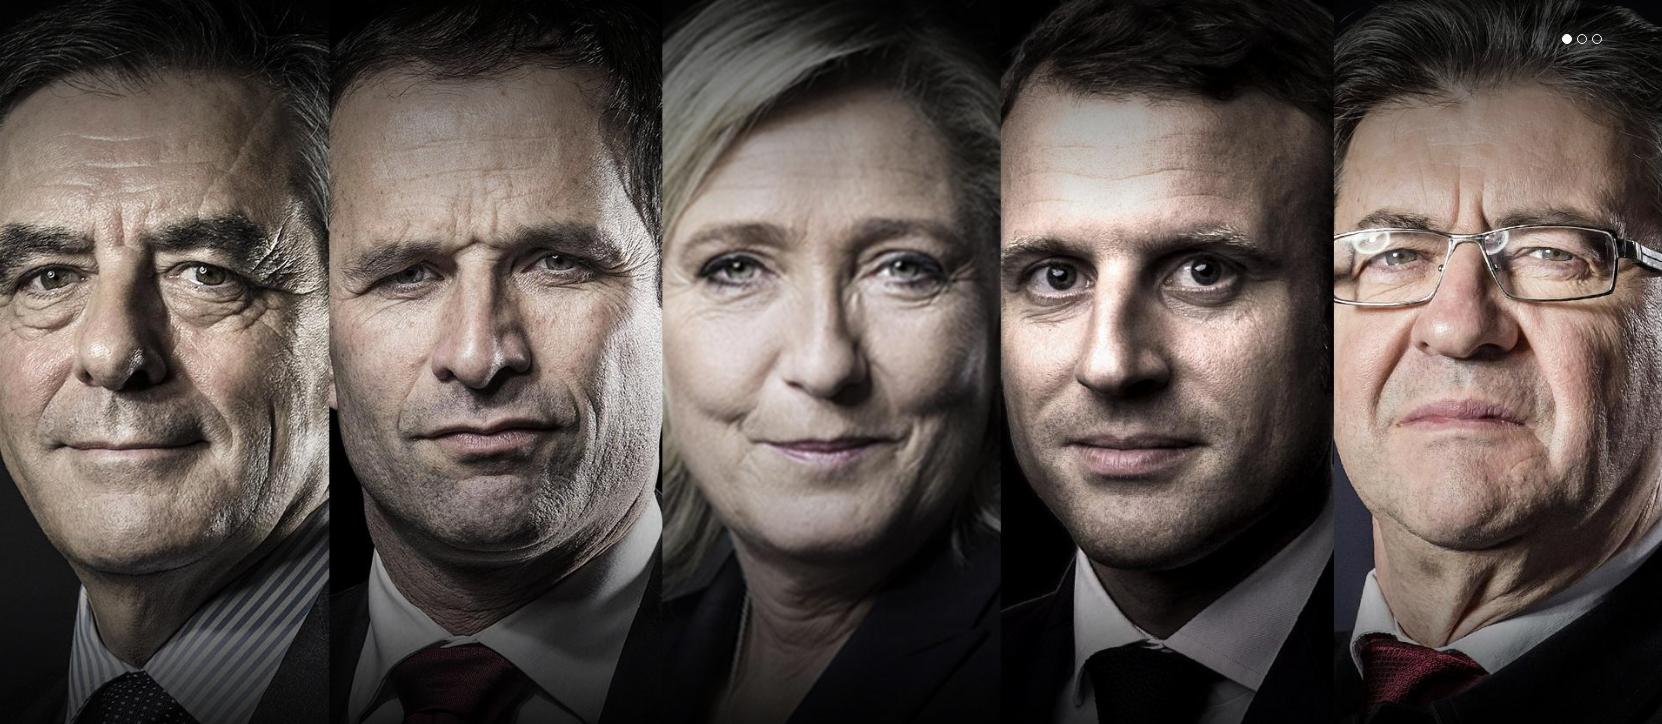 Présidentielle : que révèlent les déclarations de patrimoine des candidats ?